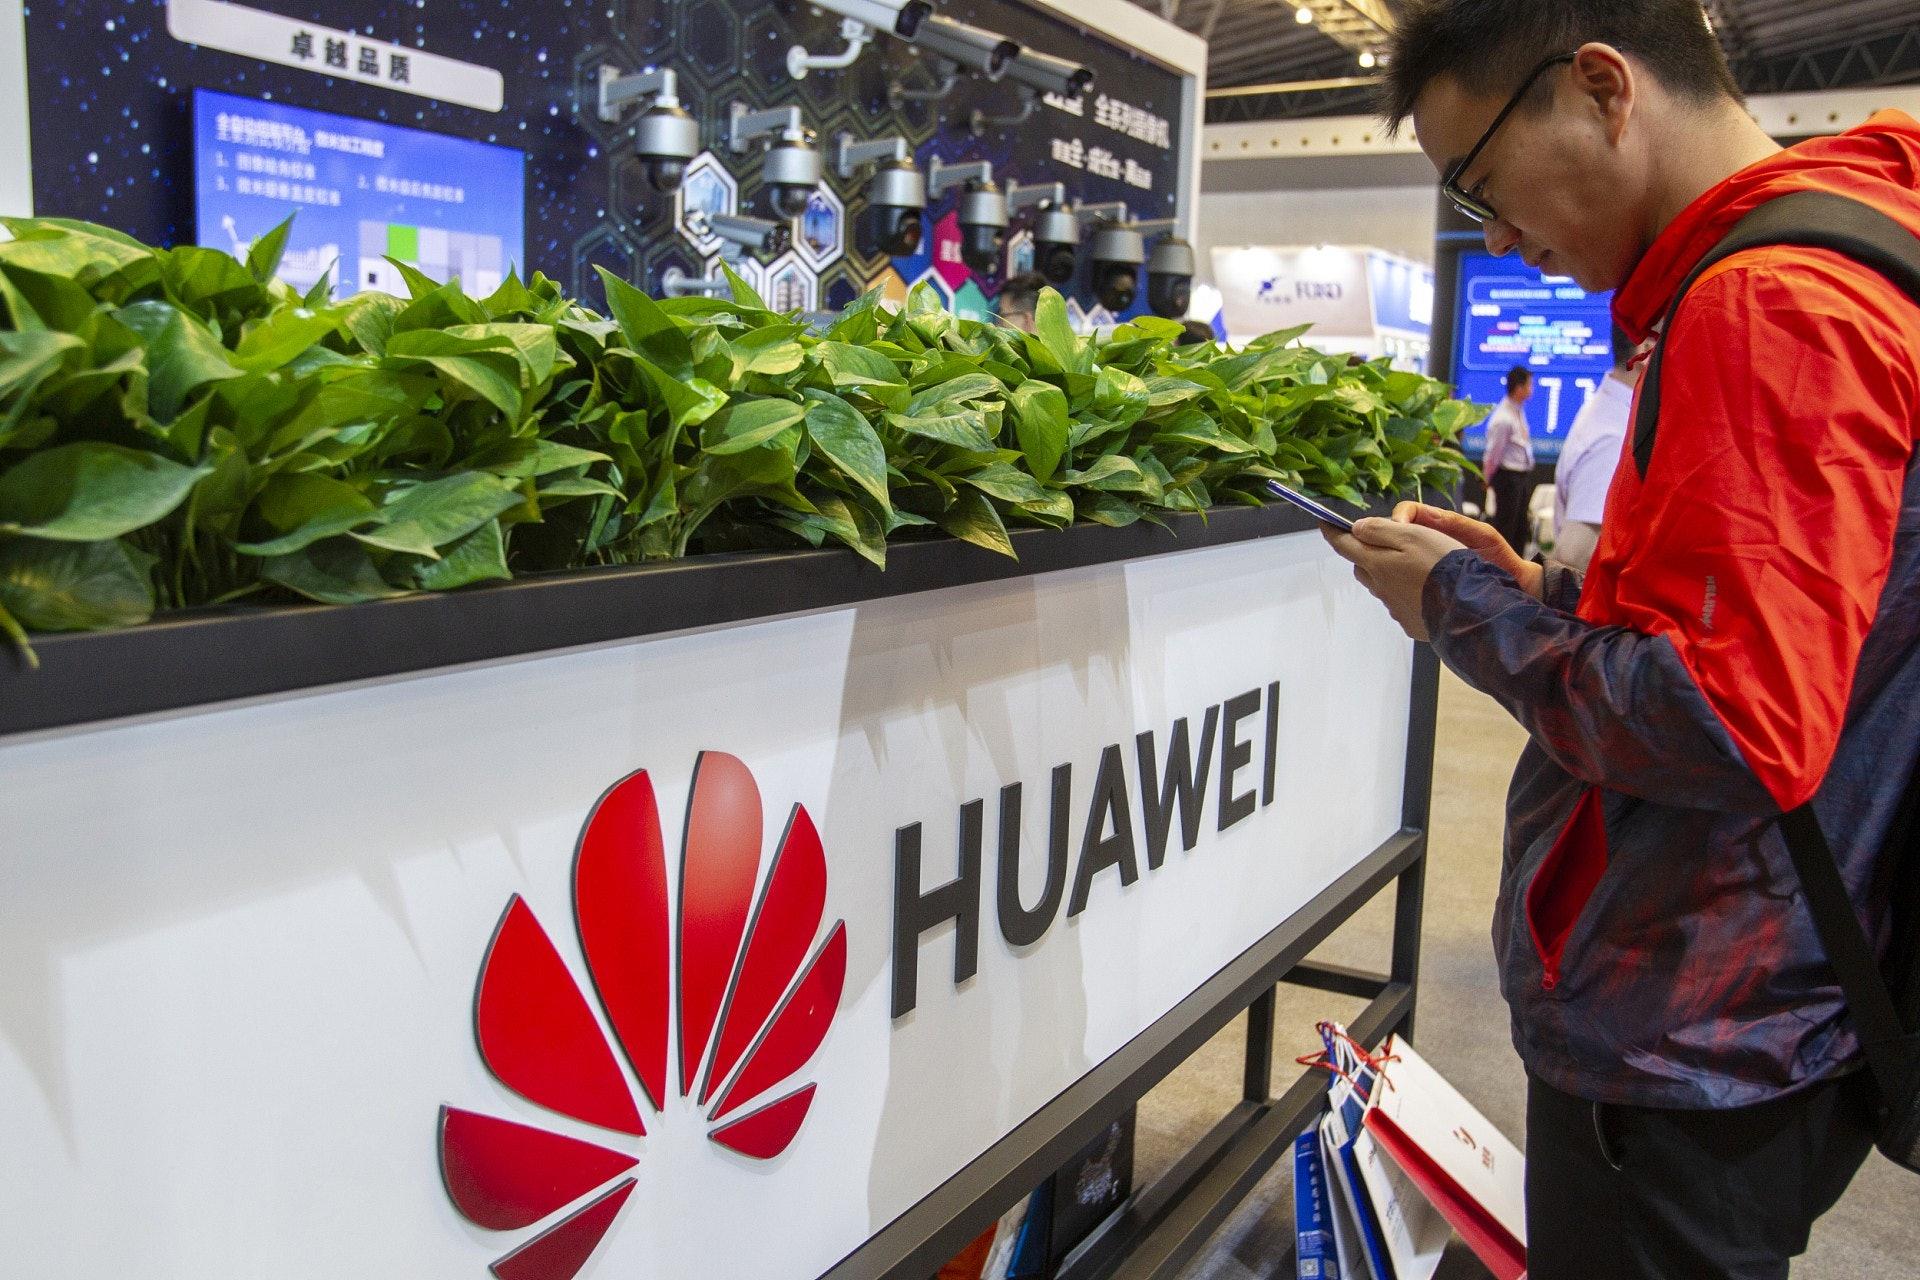 美國商務部5月15日宣布, 16日正式將華為與20多個國家的68間子公司列入所謂「實體清單」(Entity List),新例在17日生效。圖為上海安博會華為展台。(視覺中國)